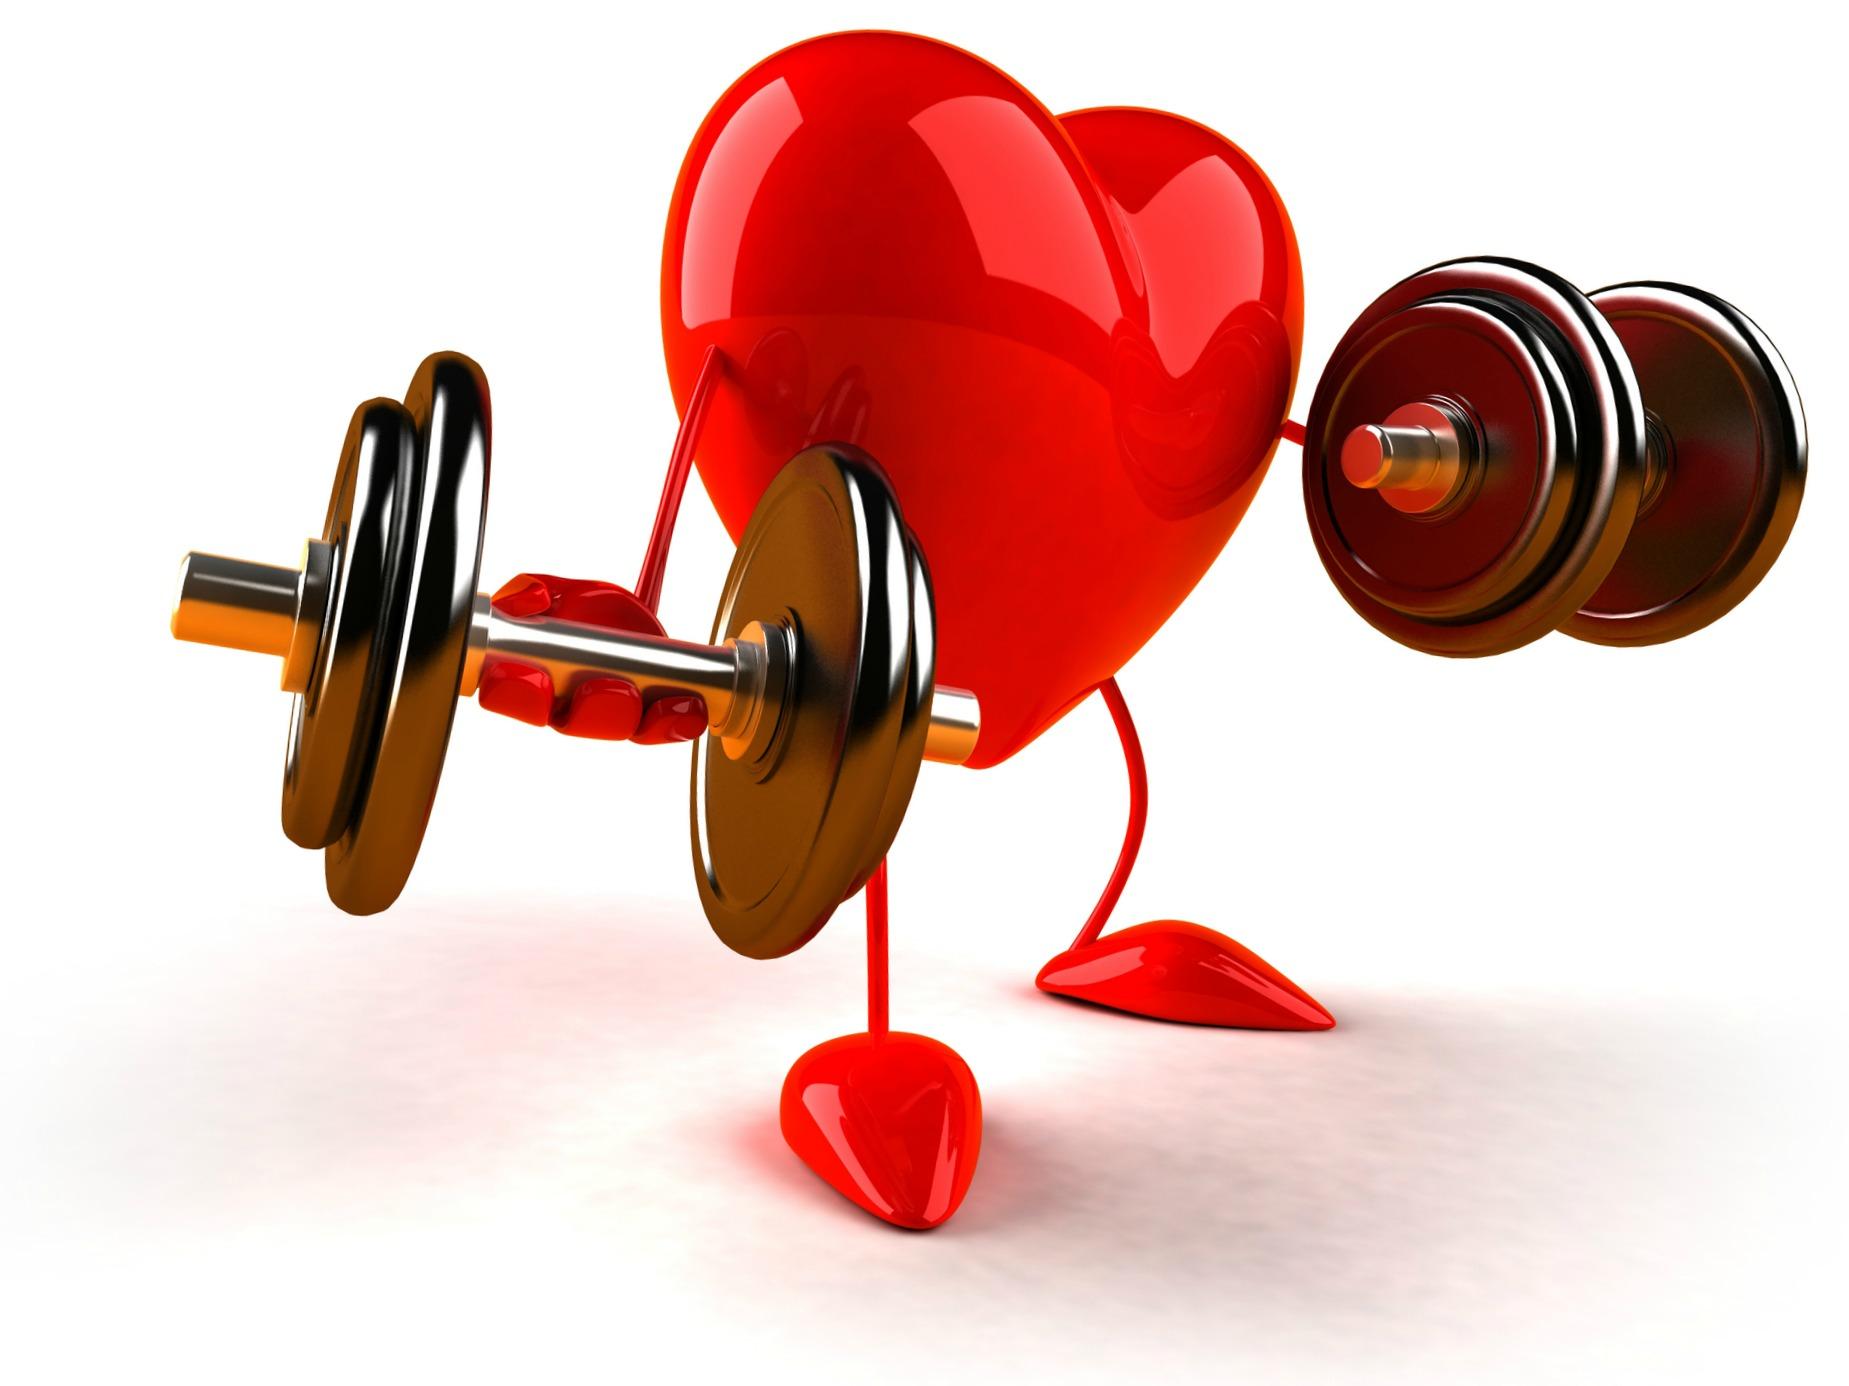 تدعم الفراولة صحة القلب